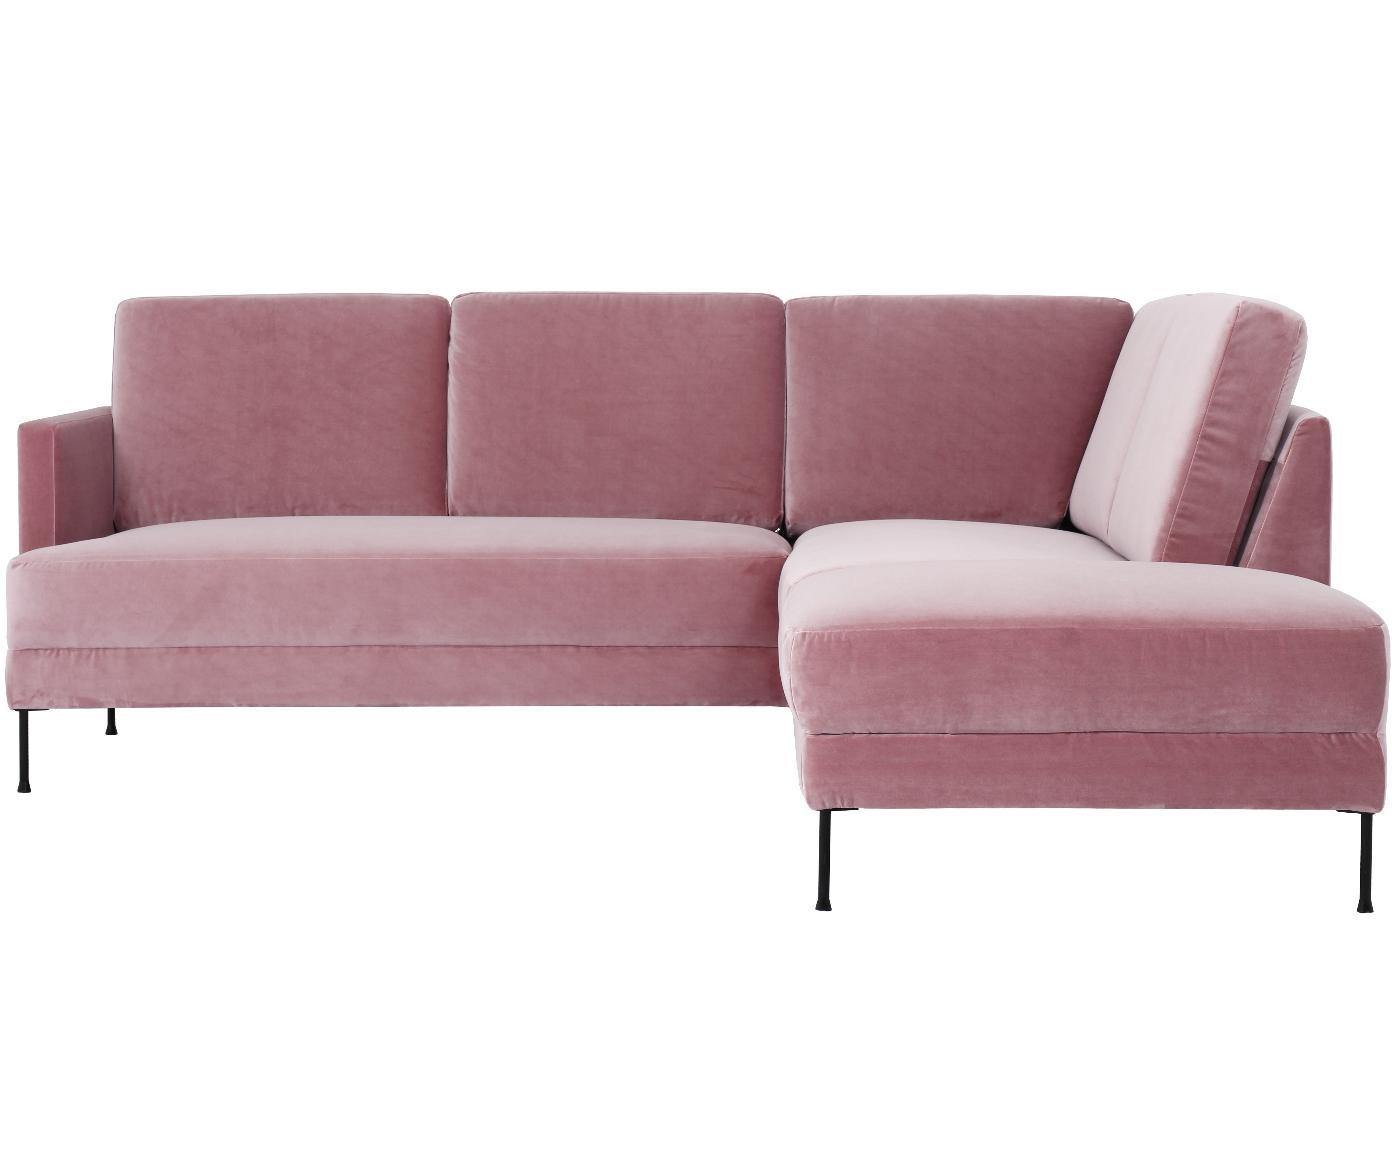 Sofa narożna z aksamitu Fluente, Tapicerka: aksamit (wysokiej jakości, Stelaż: lite drewno sosnowe, Nogi: metal lakierowany, Aksamitny blady różowy, S 221 x G 200 cm